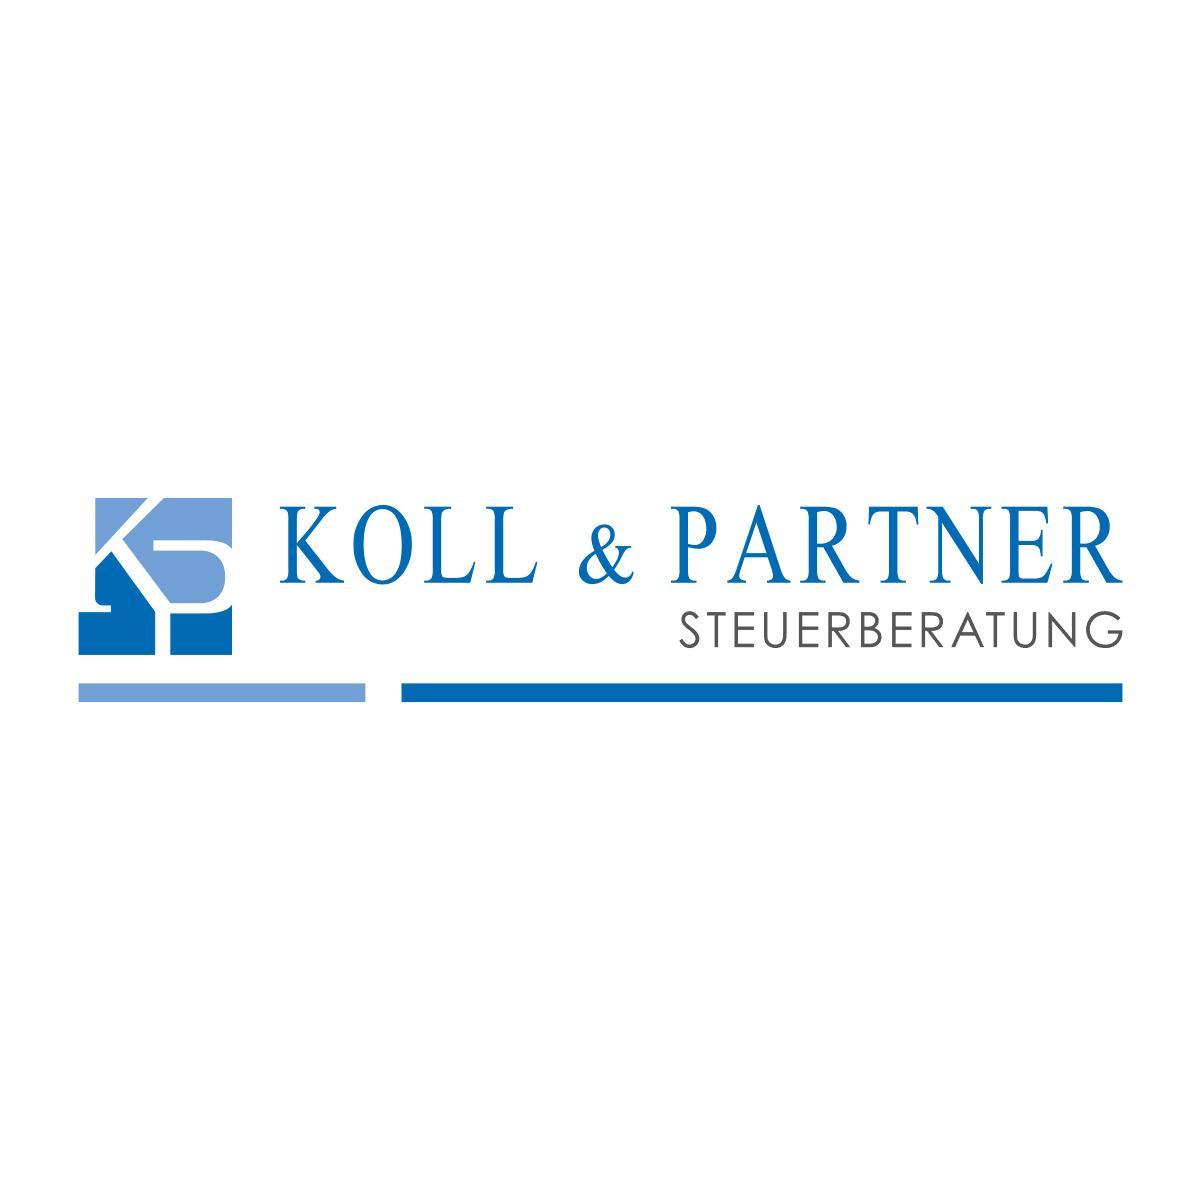 Koll & Partner Steuerberatungsgesellschaft Wirtschaftstreuhandges.m.b.H. & Co KG